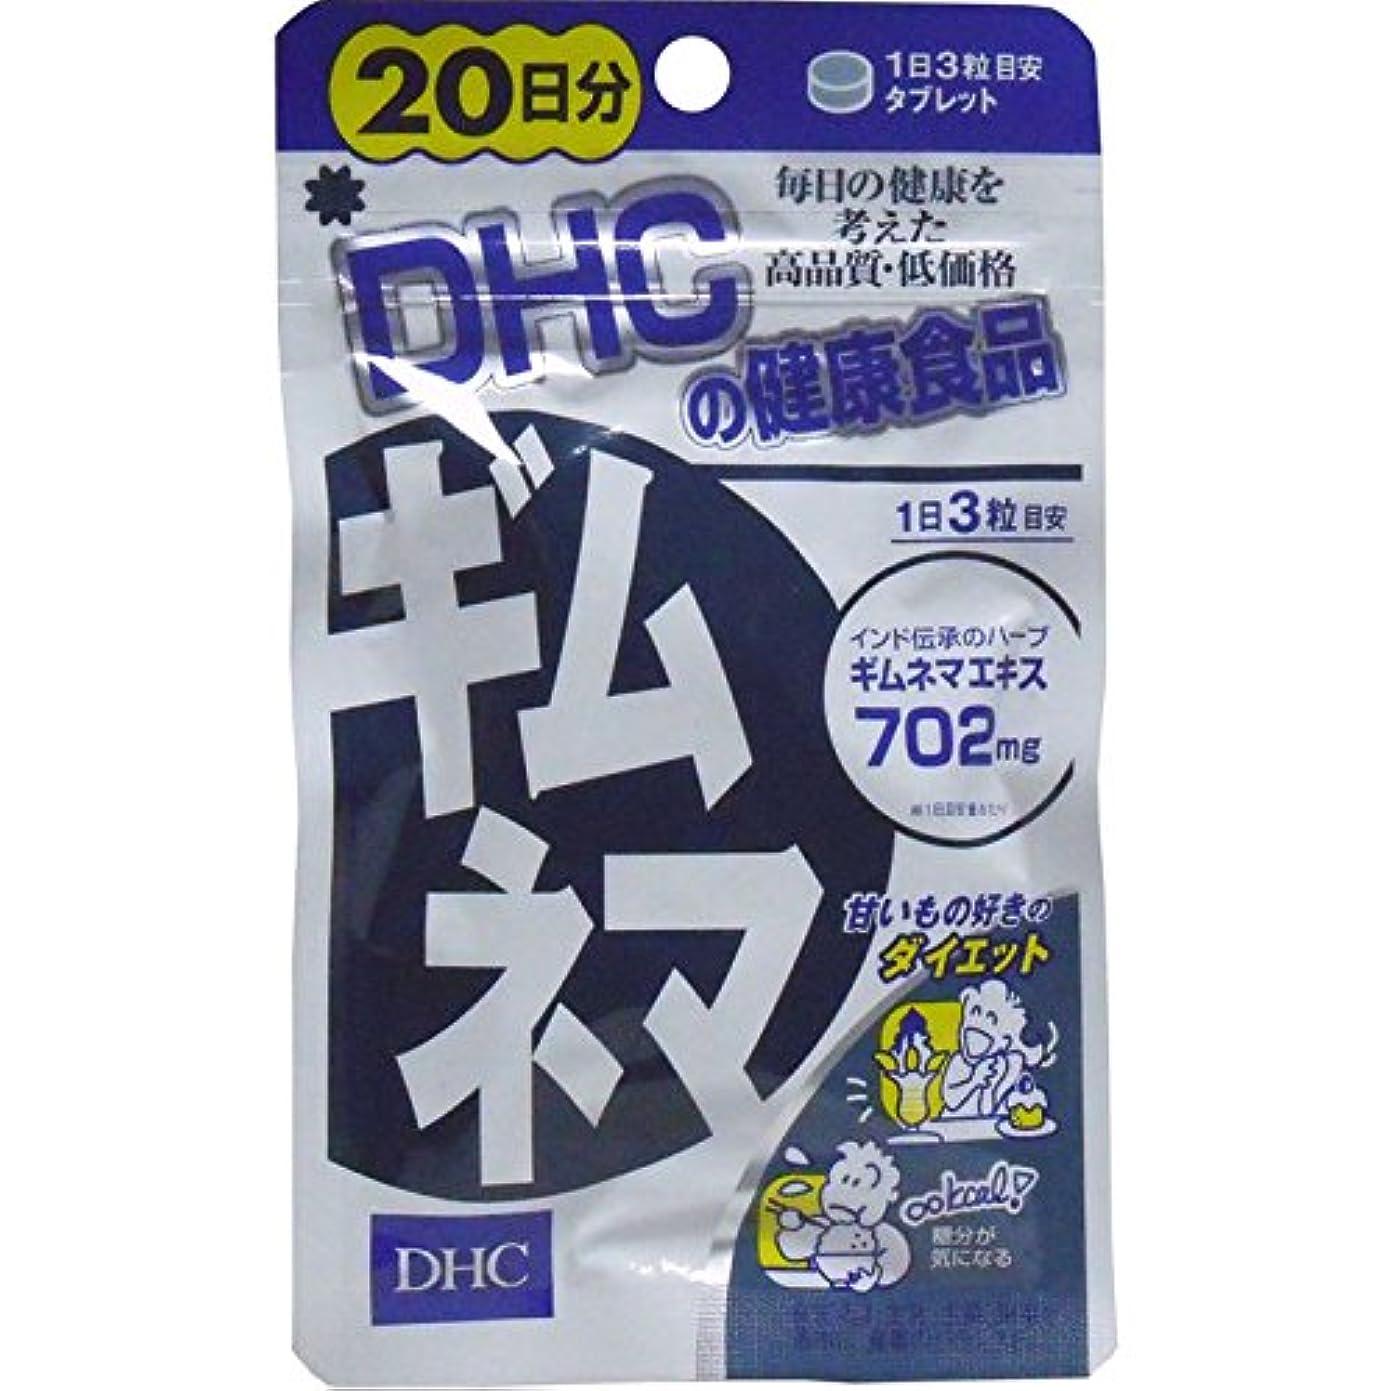 衝動ドメイン怠けた糖分や炭水化物を多く摂る人に DHC ギムネマ 20日分 60粒